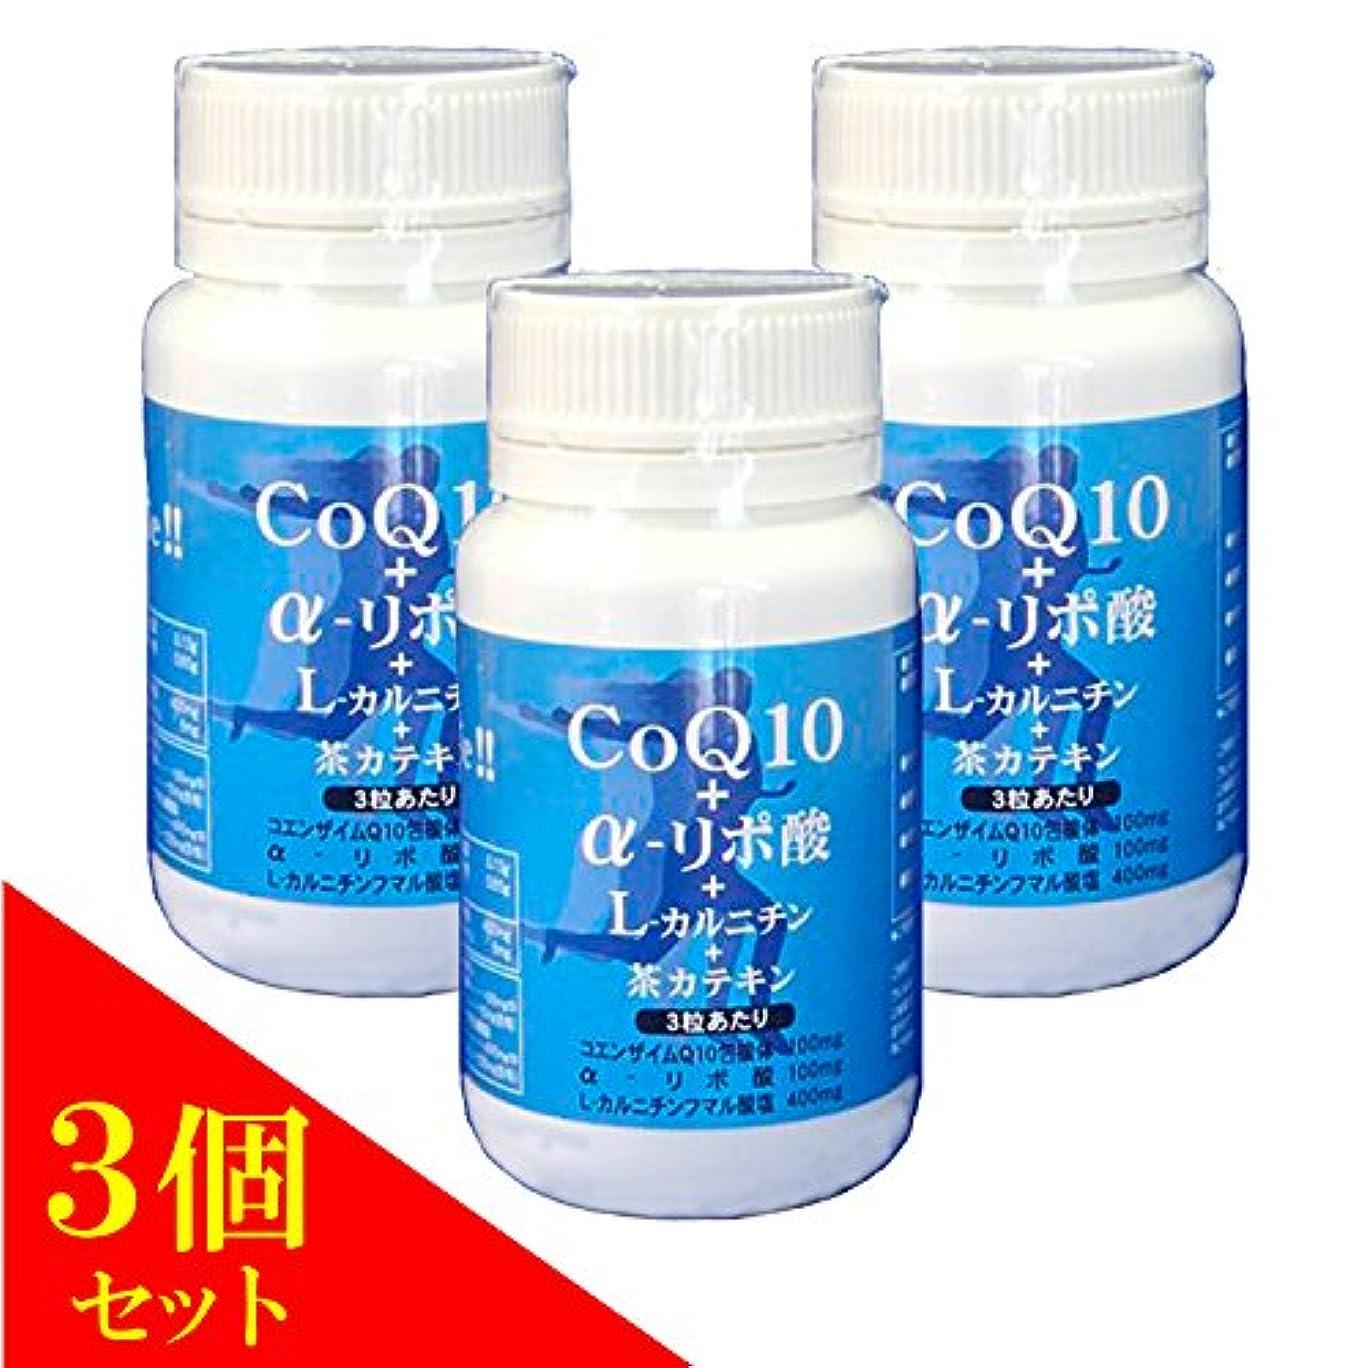 疲れた正しいクレジット(3個)マーキュリーCoQ10+αリポ酸+L-カルニチン+茶カテキン 90粒×3個セット(4947041260283